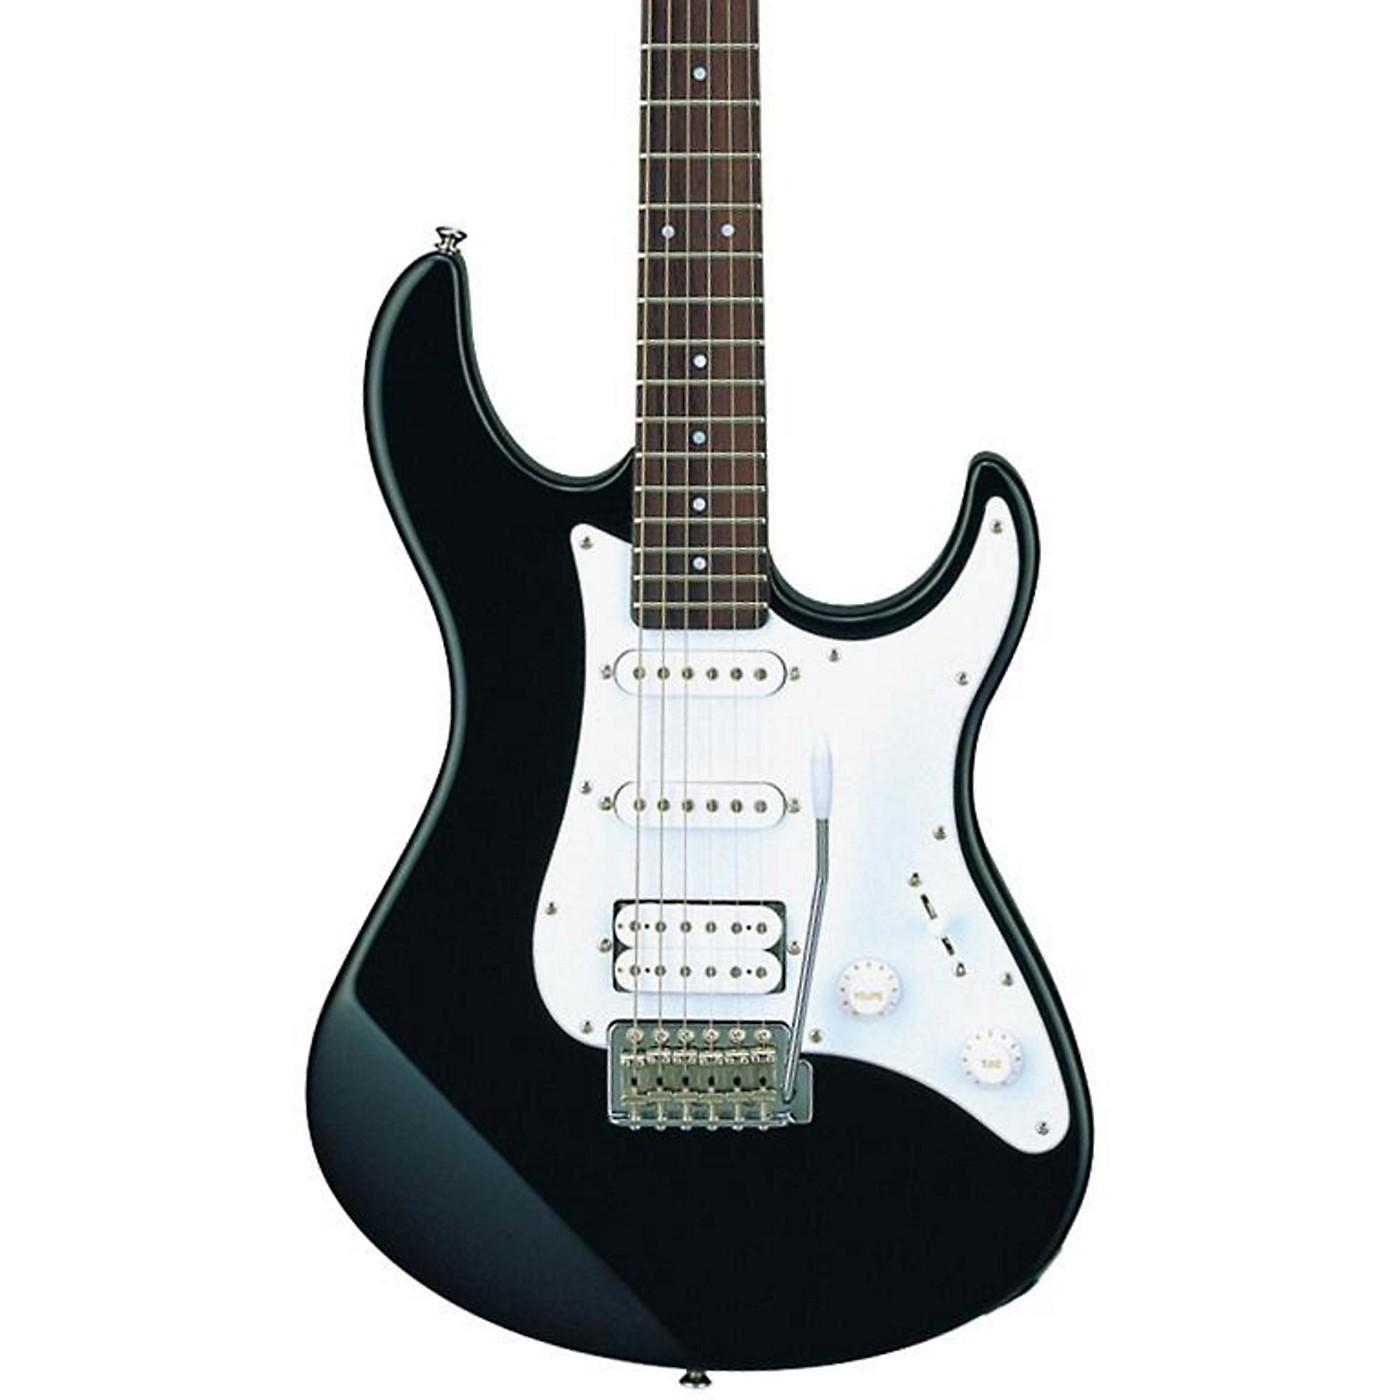 Yamaha PAC012 Electric Guitar thumbnail